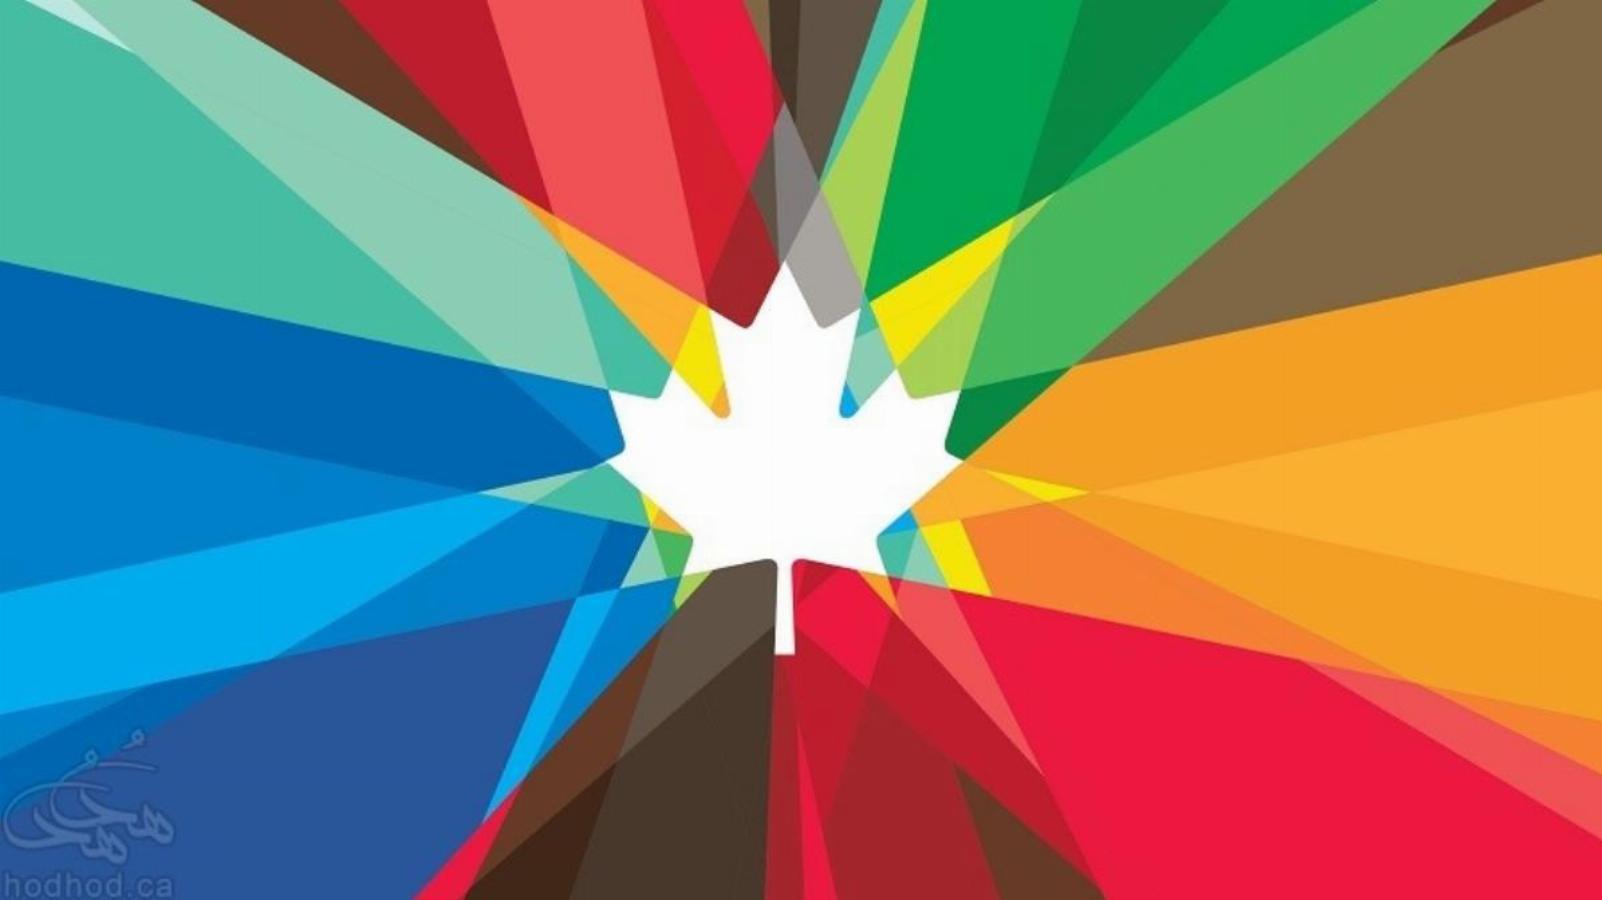 خبر فوری: موافقت دولت کانادا با میزبانی المپیک زمستانی سال 2026